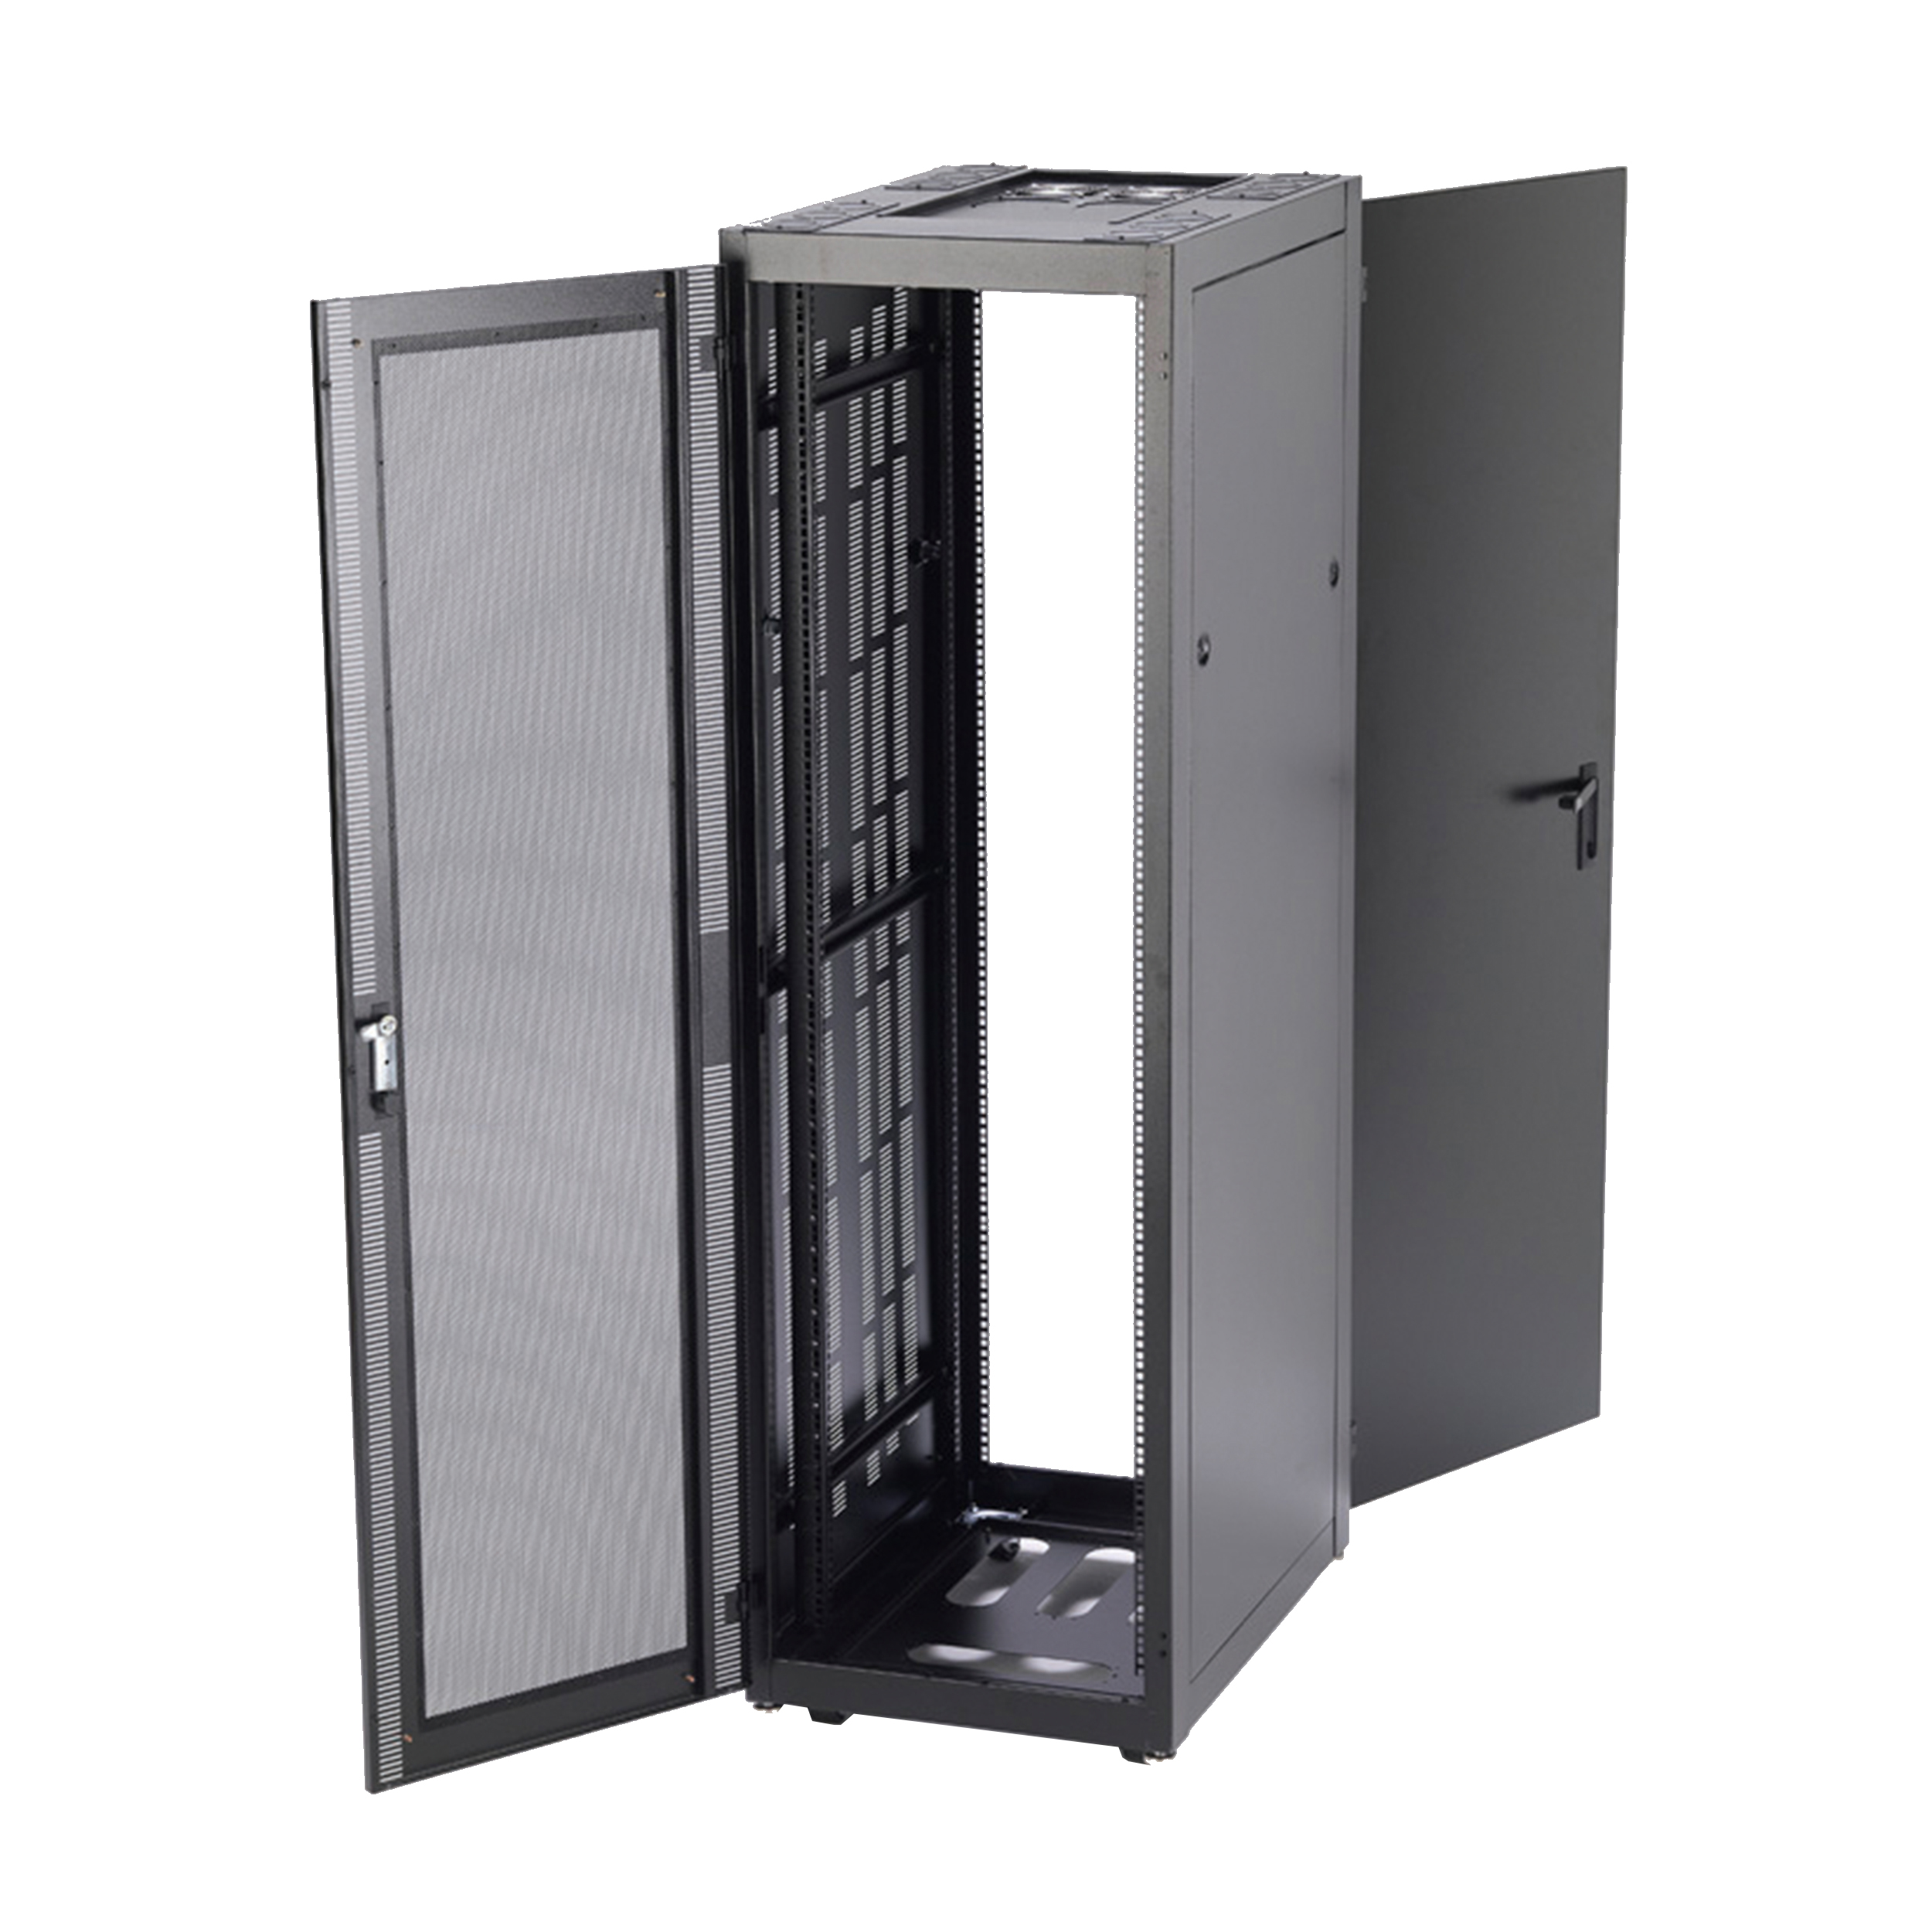 v line cabinet server rack